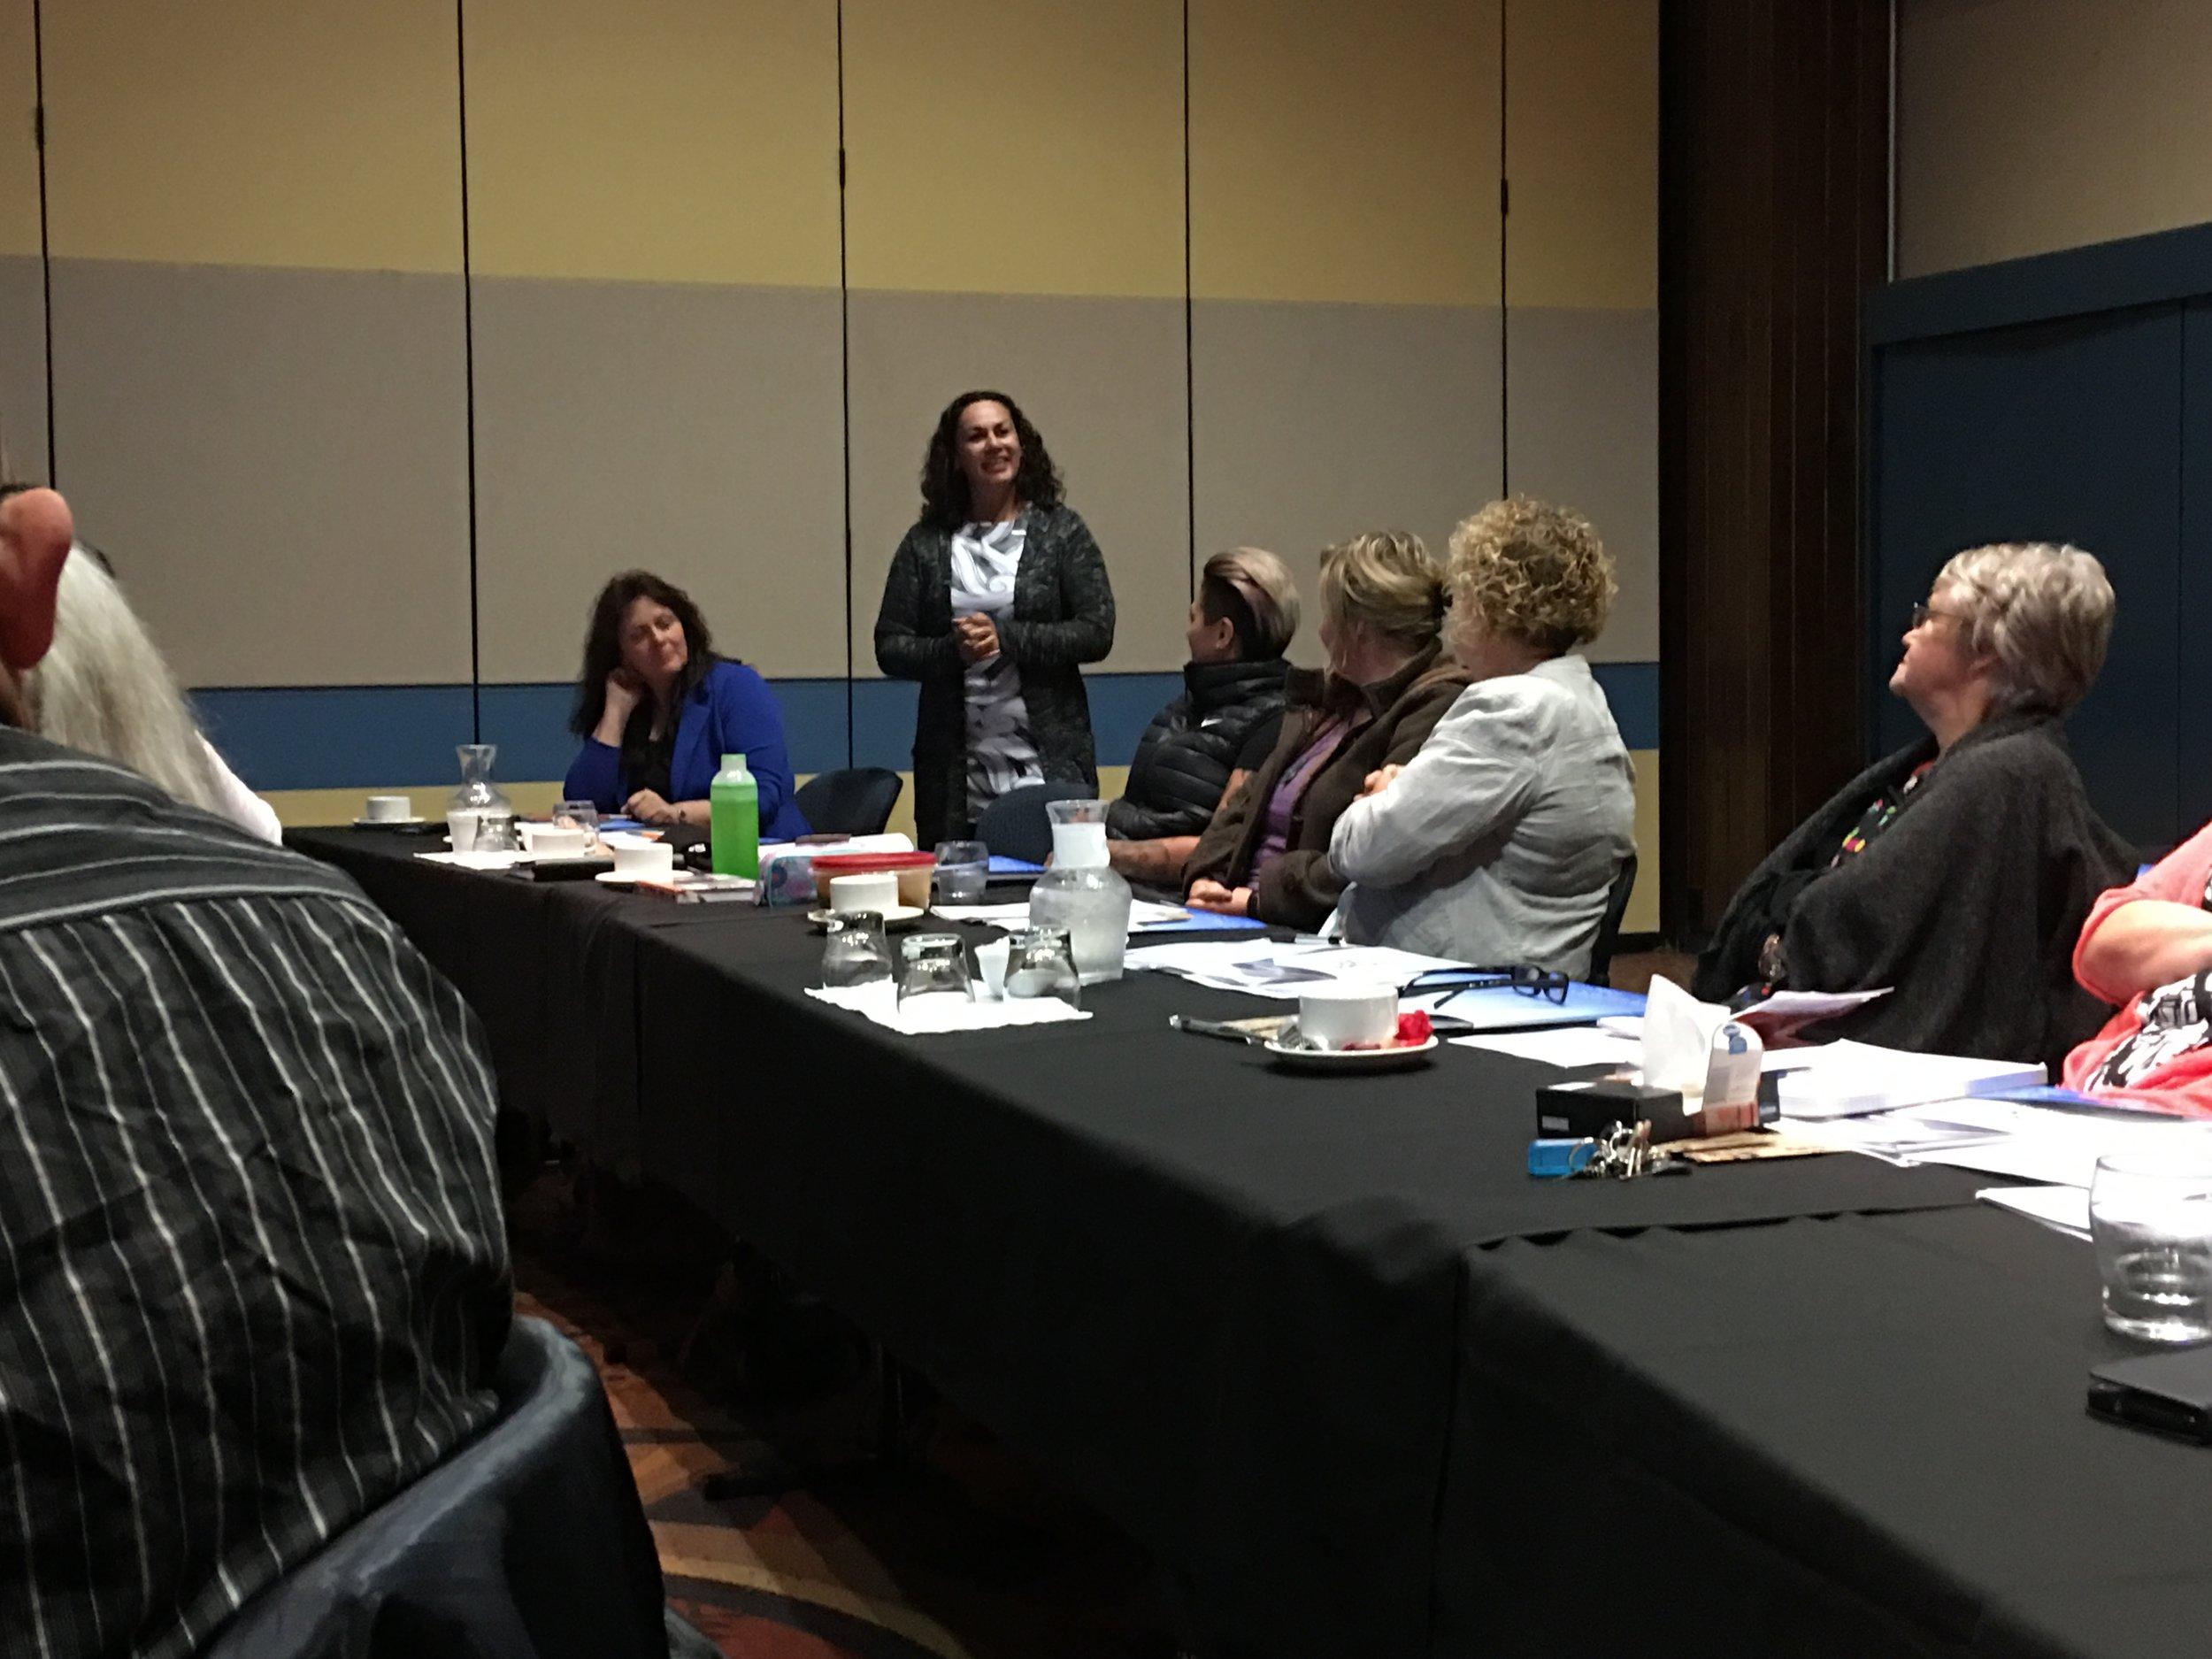 Joyce Manahi talking about Try Whānau and its impact with whānau.